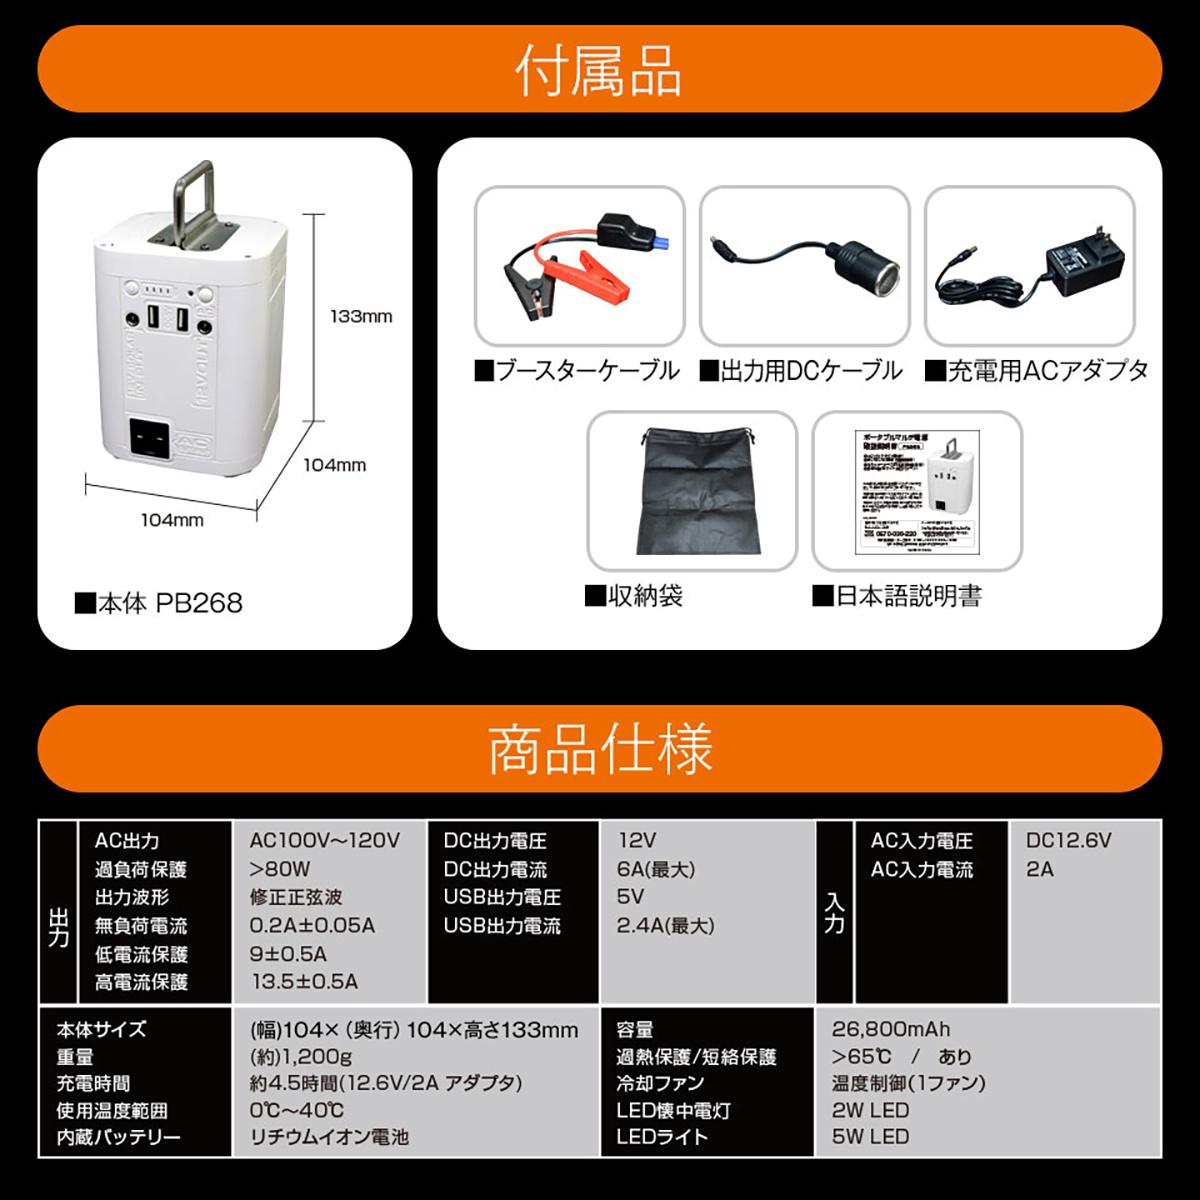 ブースターケーブル、出力用DCケーブル、充電用ACアダプタ、収納袋、日本語説明書が付属しております。